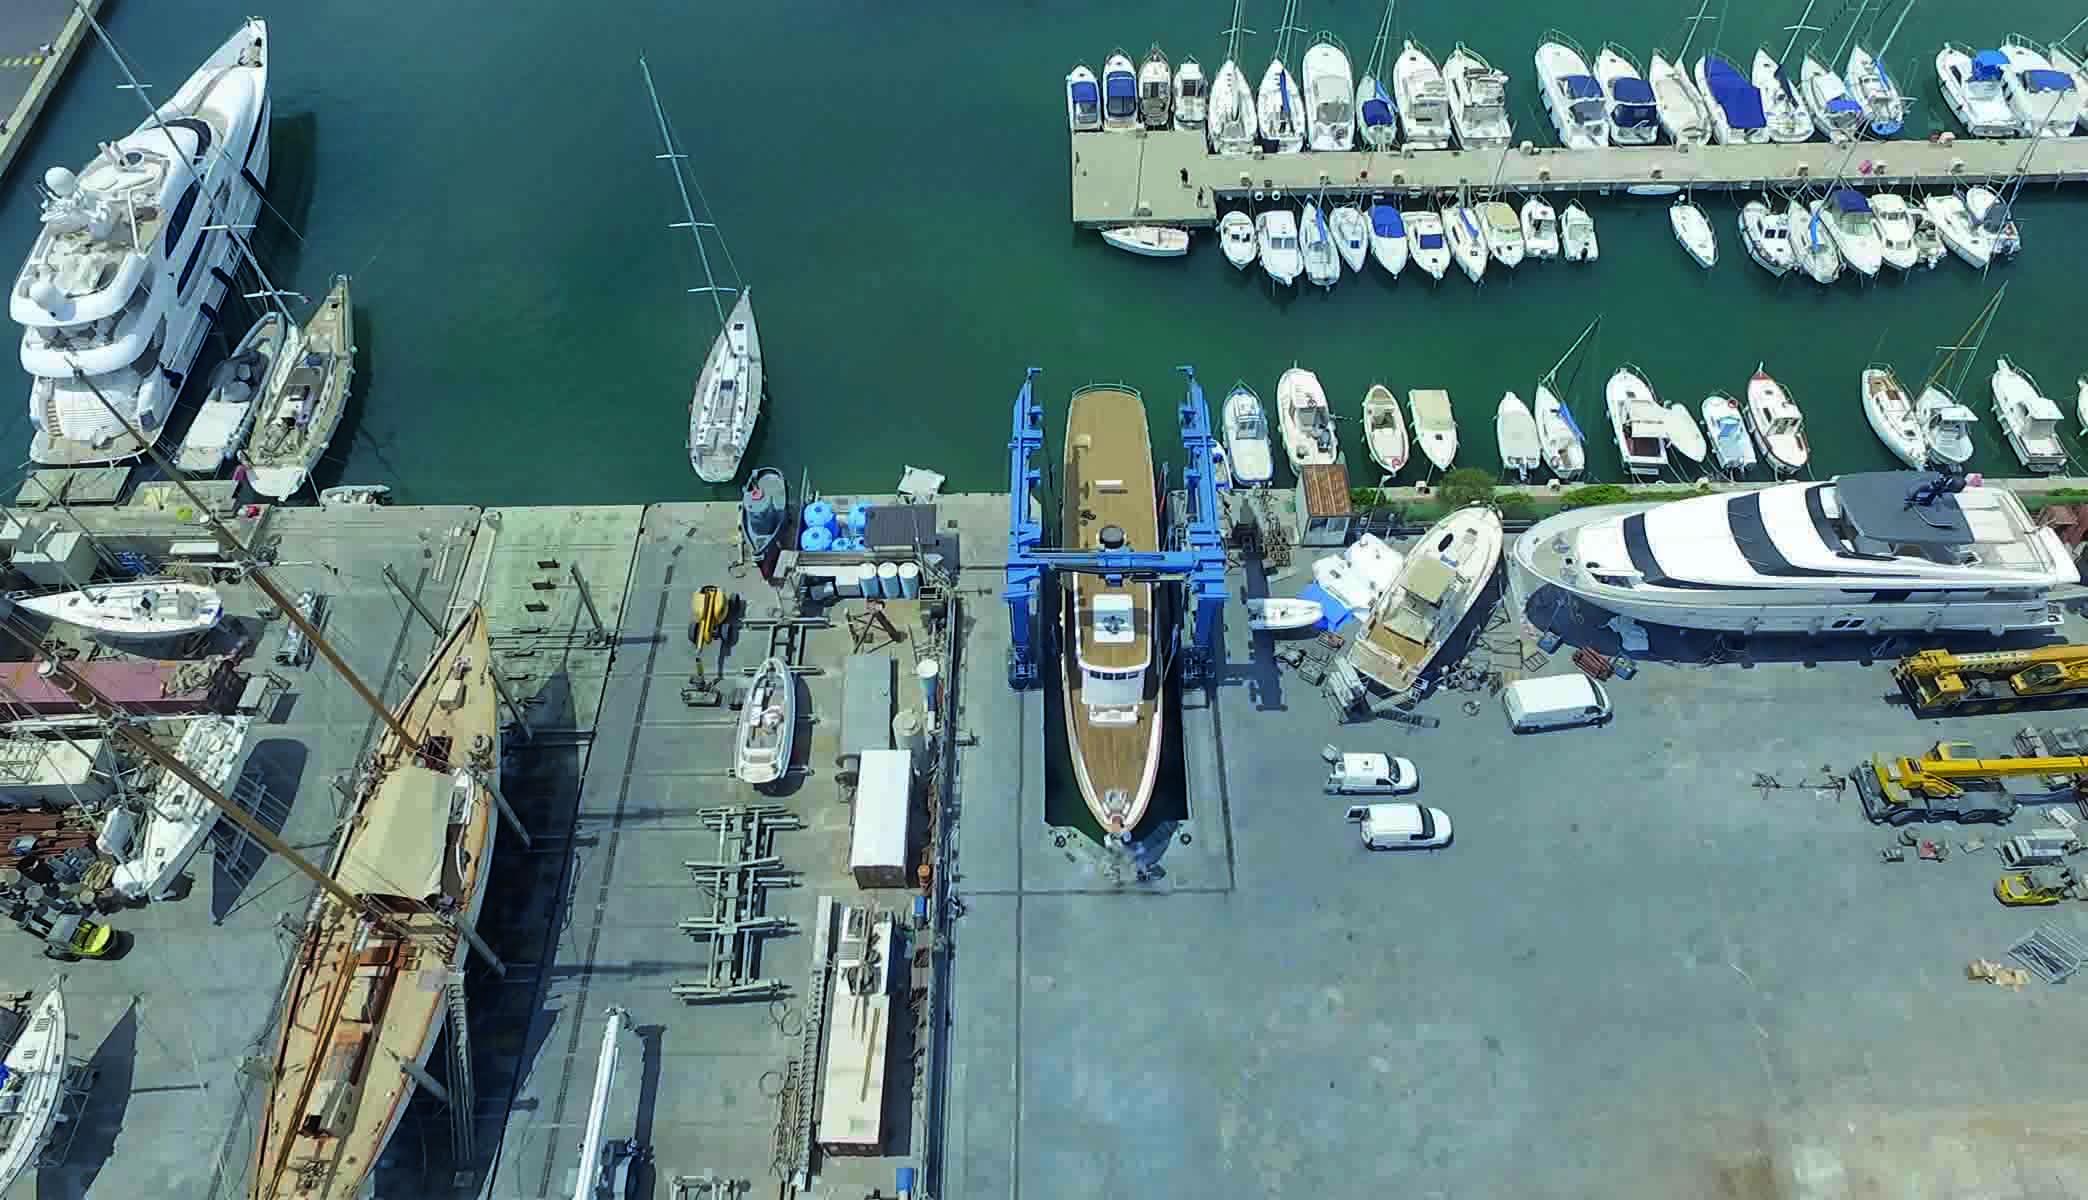 Sanremo-Ship-quarta-di-copertina-sanremo-mod 2